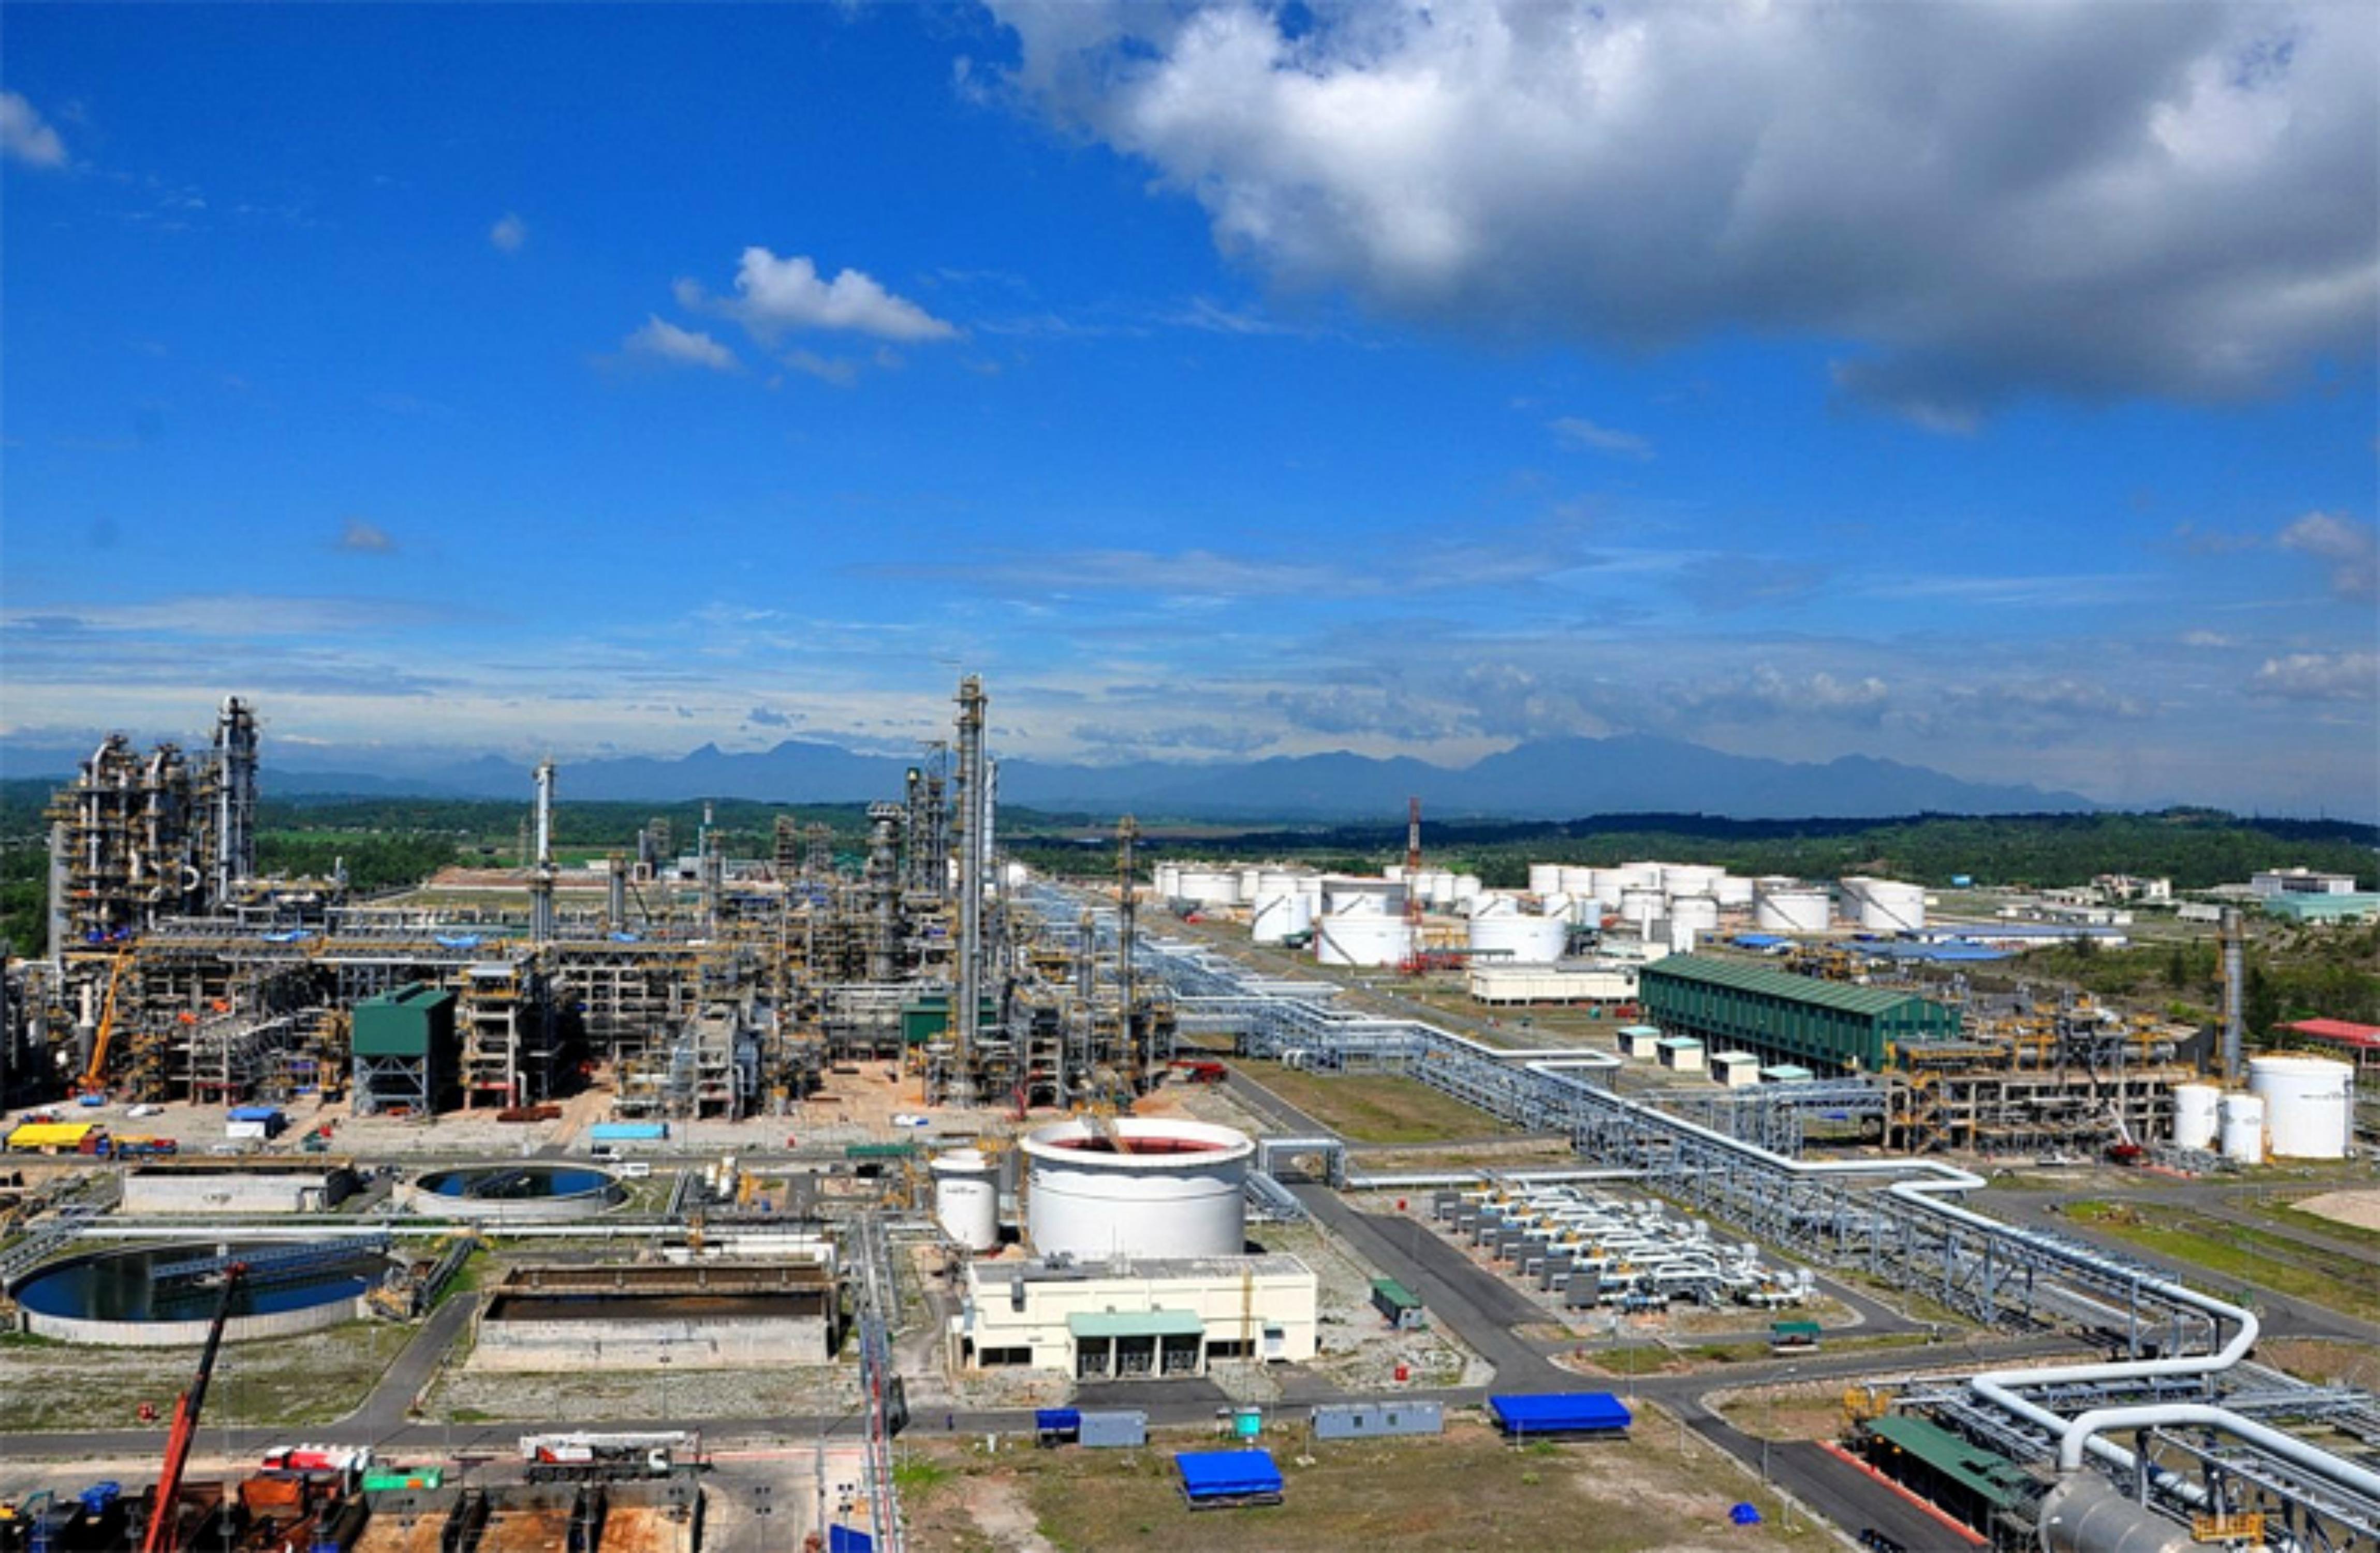 Chính phủ CSVN tiếp tục giải cứu nhà máy lọc dầu Dung Quất, một đề án kinh tế thất bại